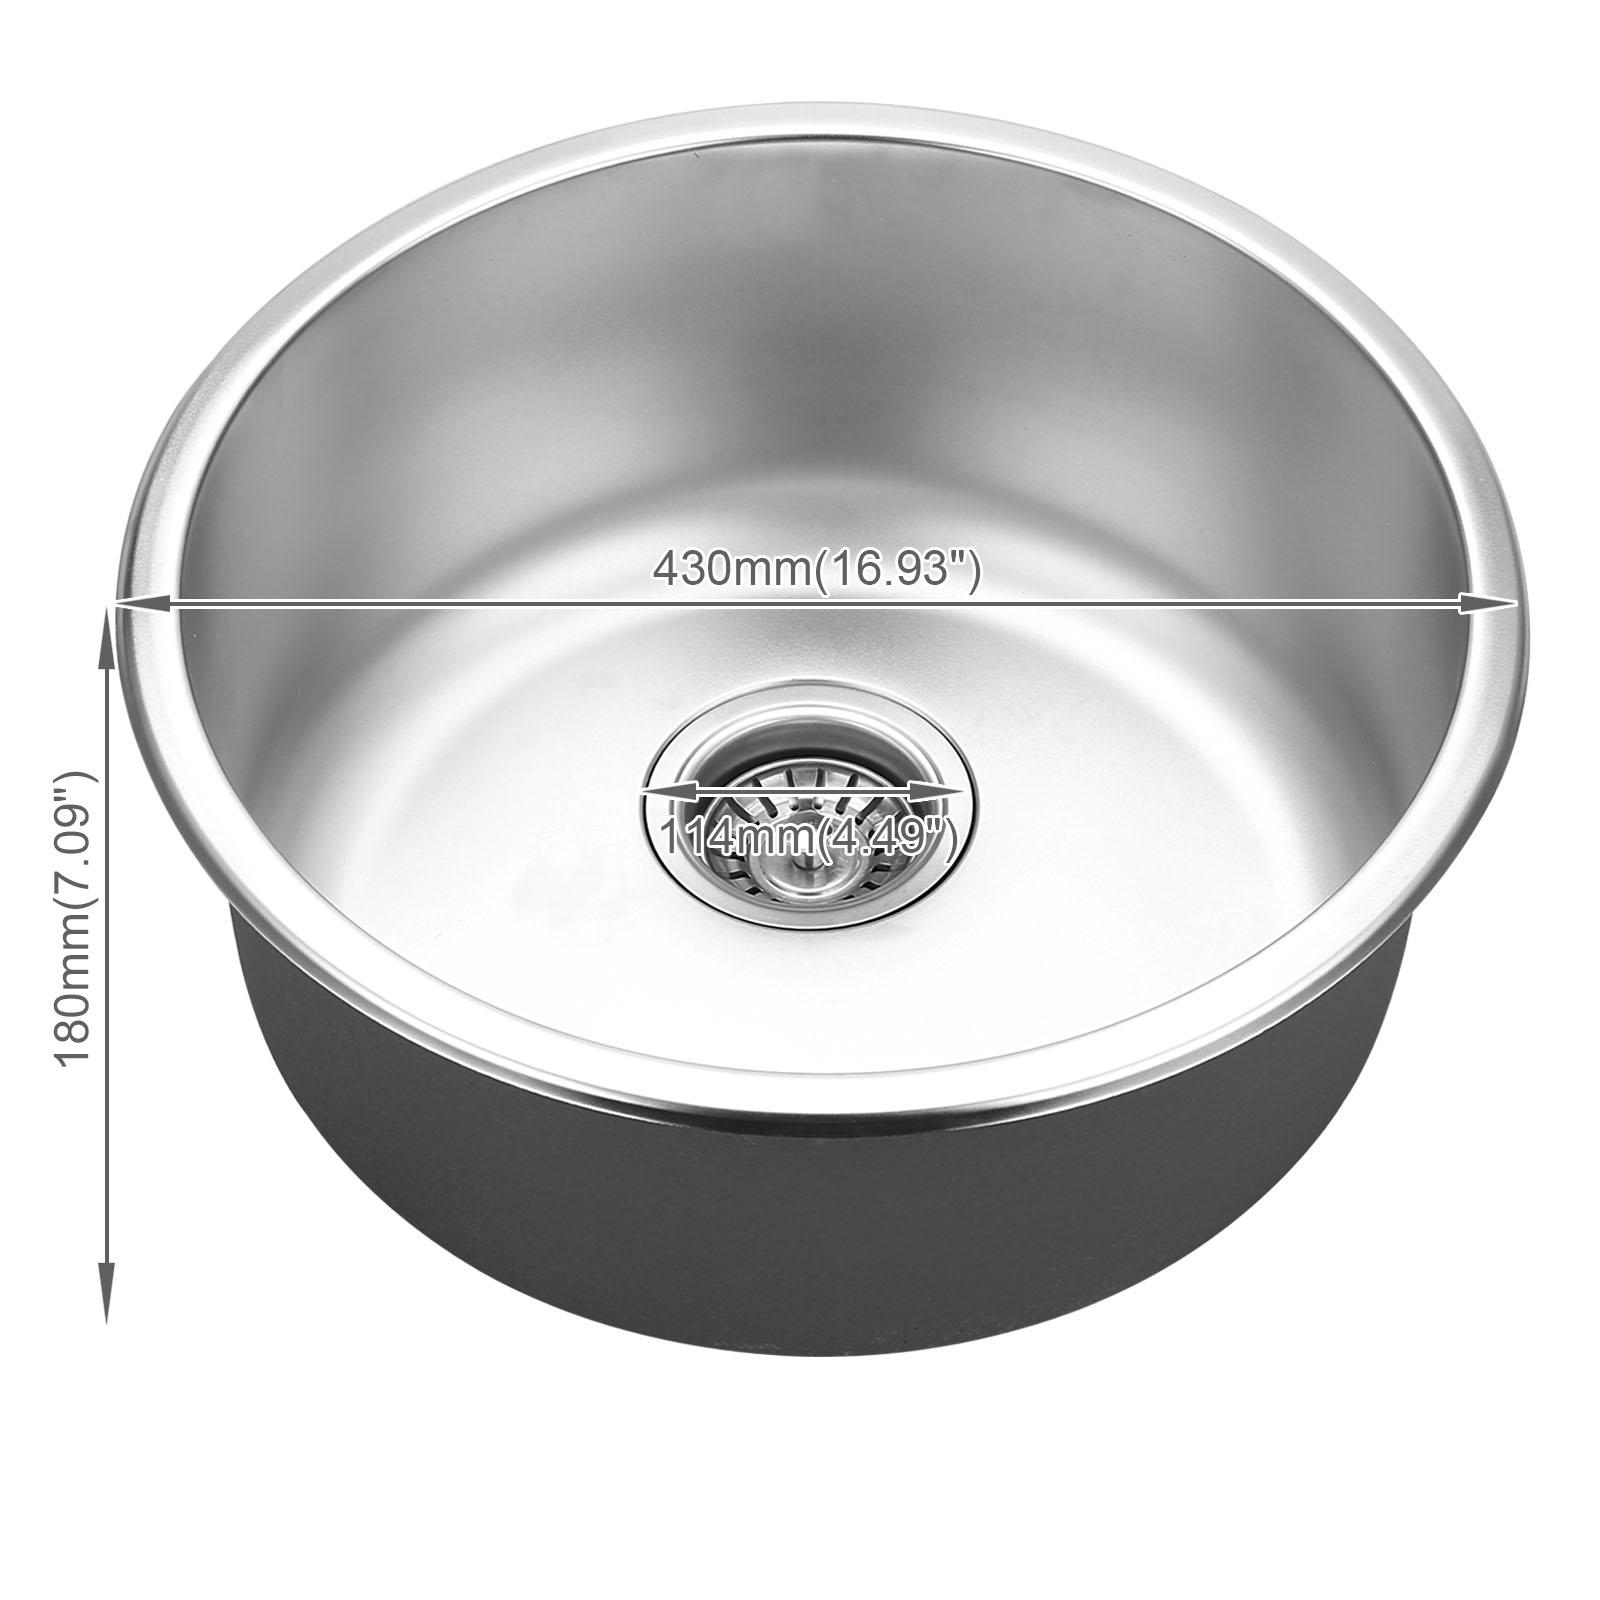 Edelstahlspüle Einbauspüle Küchenspüle Spülbecken Waschbecken ...